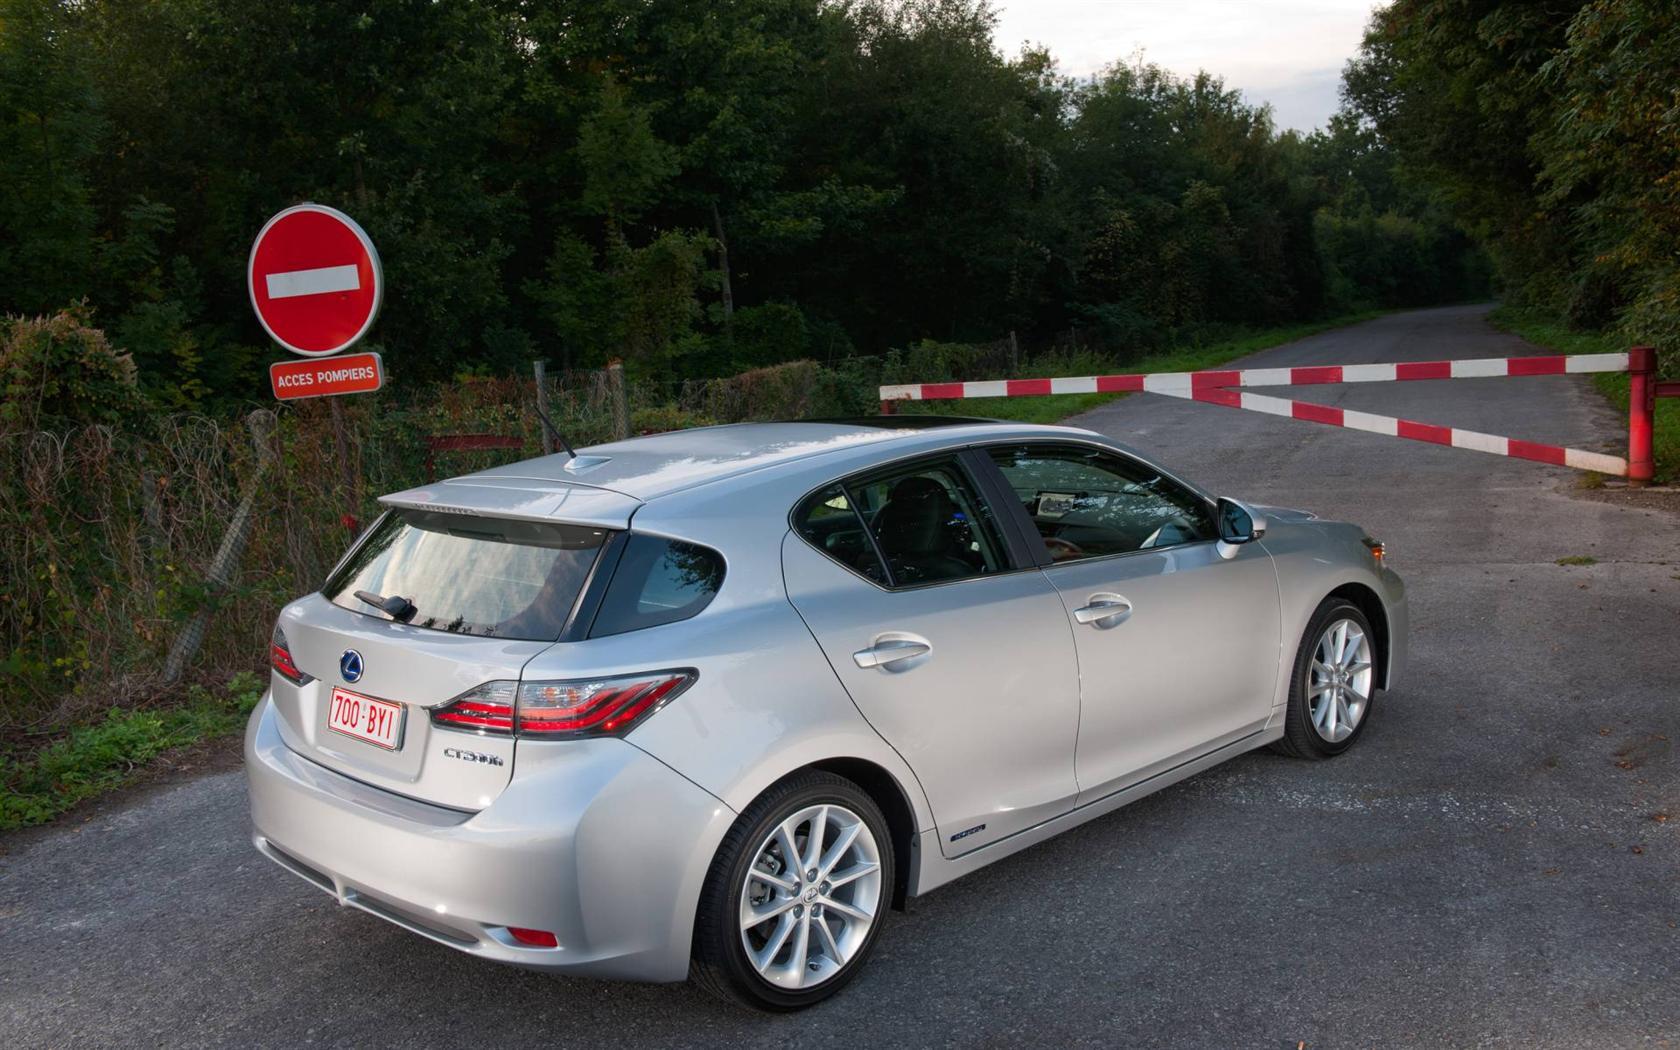 Lexus 2013 Ct200h Owners Manual Car Ct 200h Fuse Diagram Source Repair Schematic Wiring